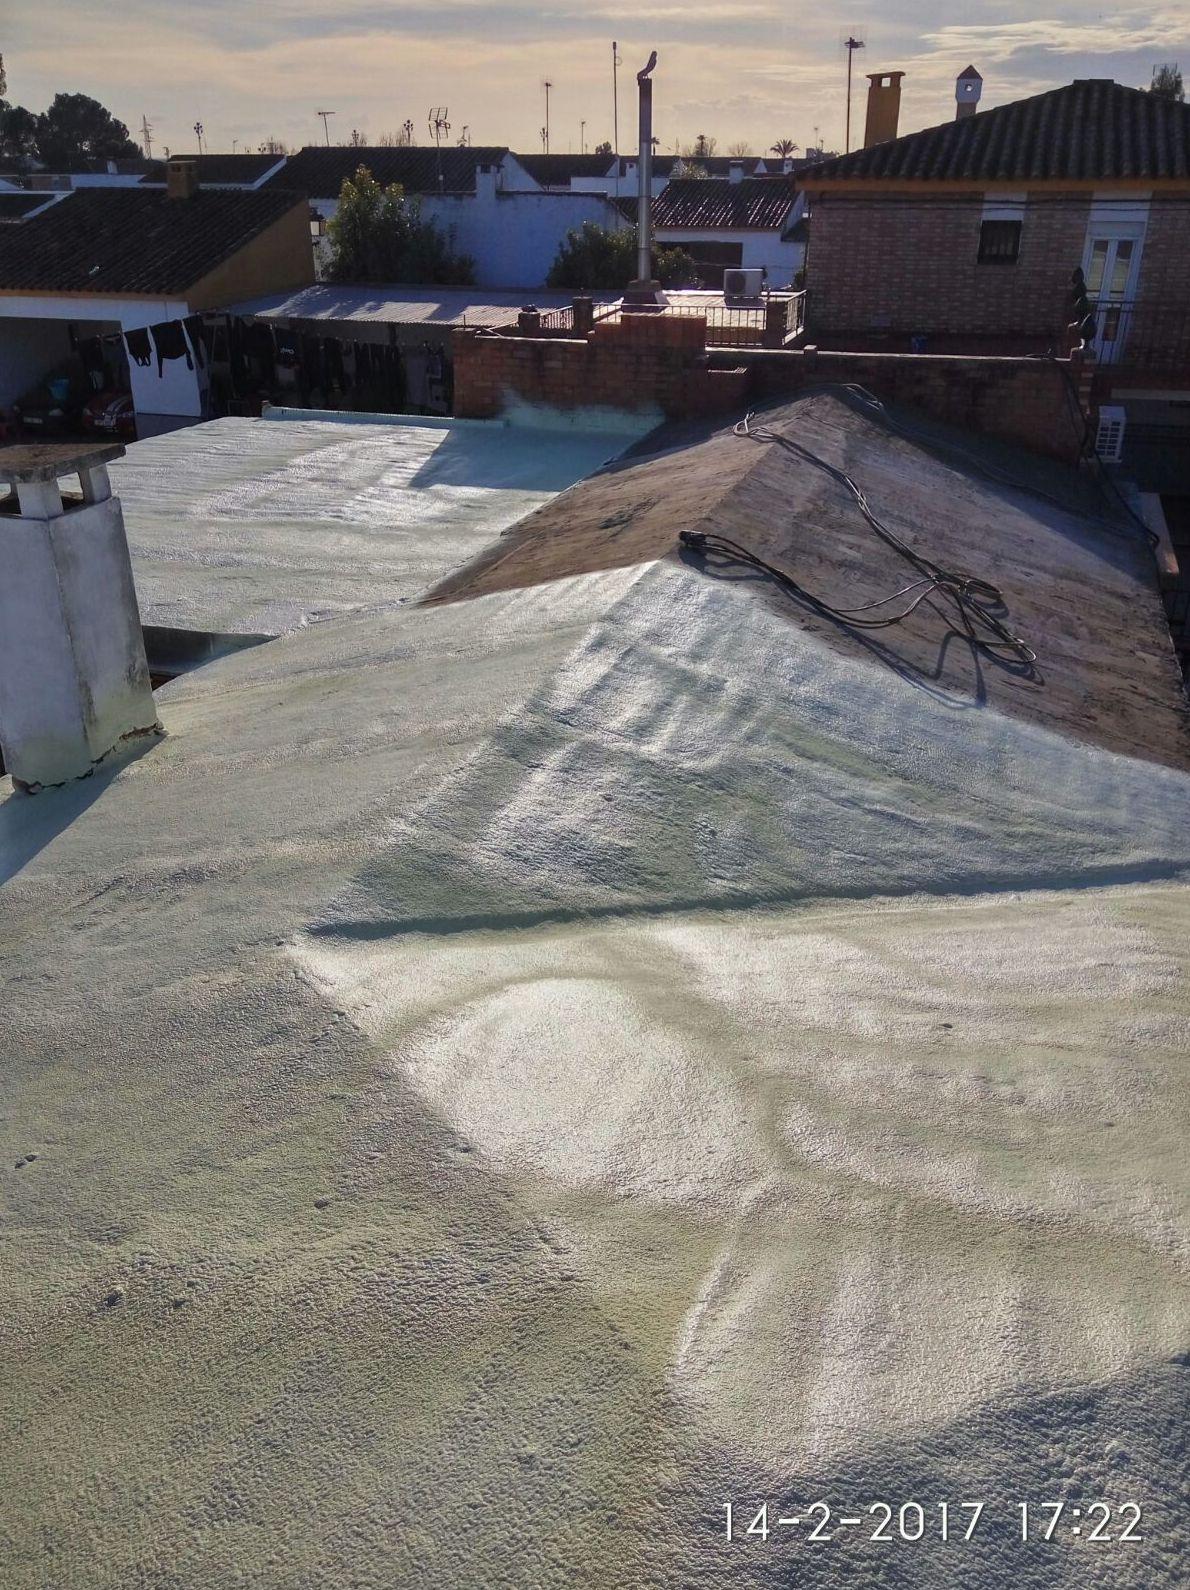 Poliuretano proyectado en cubierta inclinada antes de colocar la teja